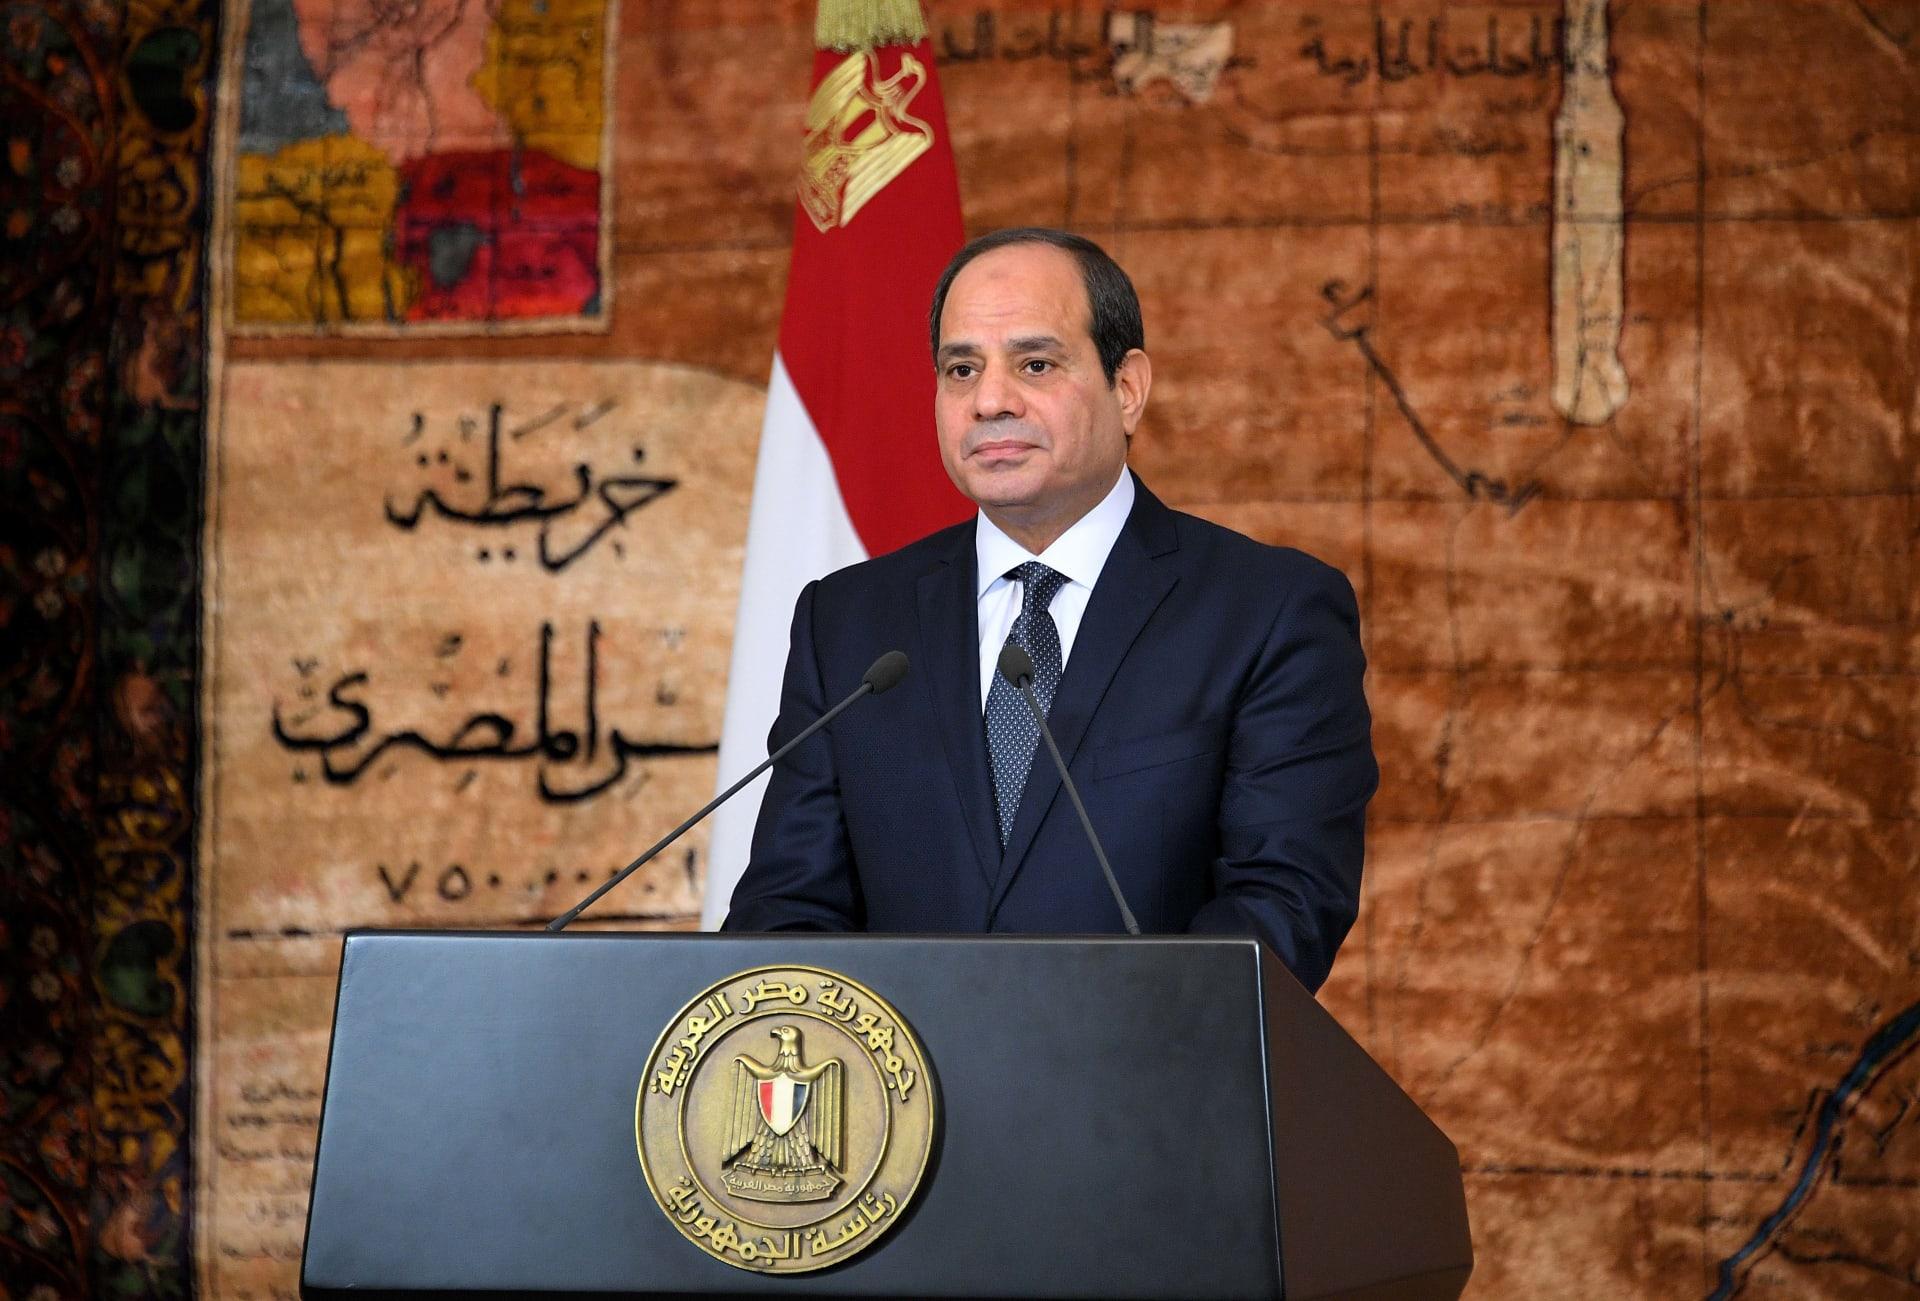 السيسي في ذكرى 30 يونيو: المصريون تحدوا التحدي.. وغيروا وجه المنطقة ووجهتها